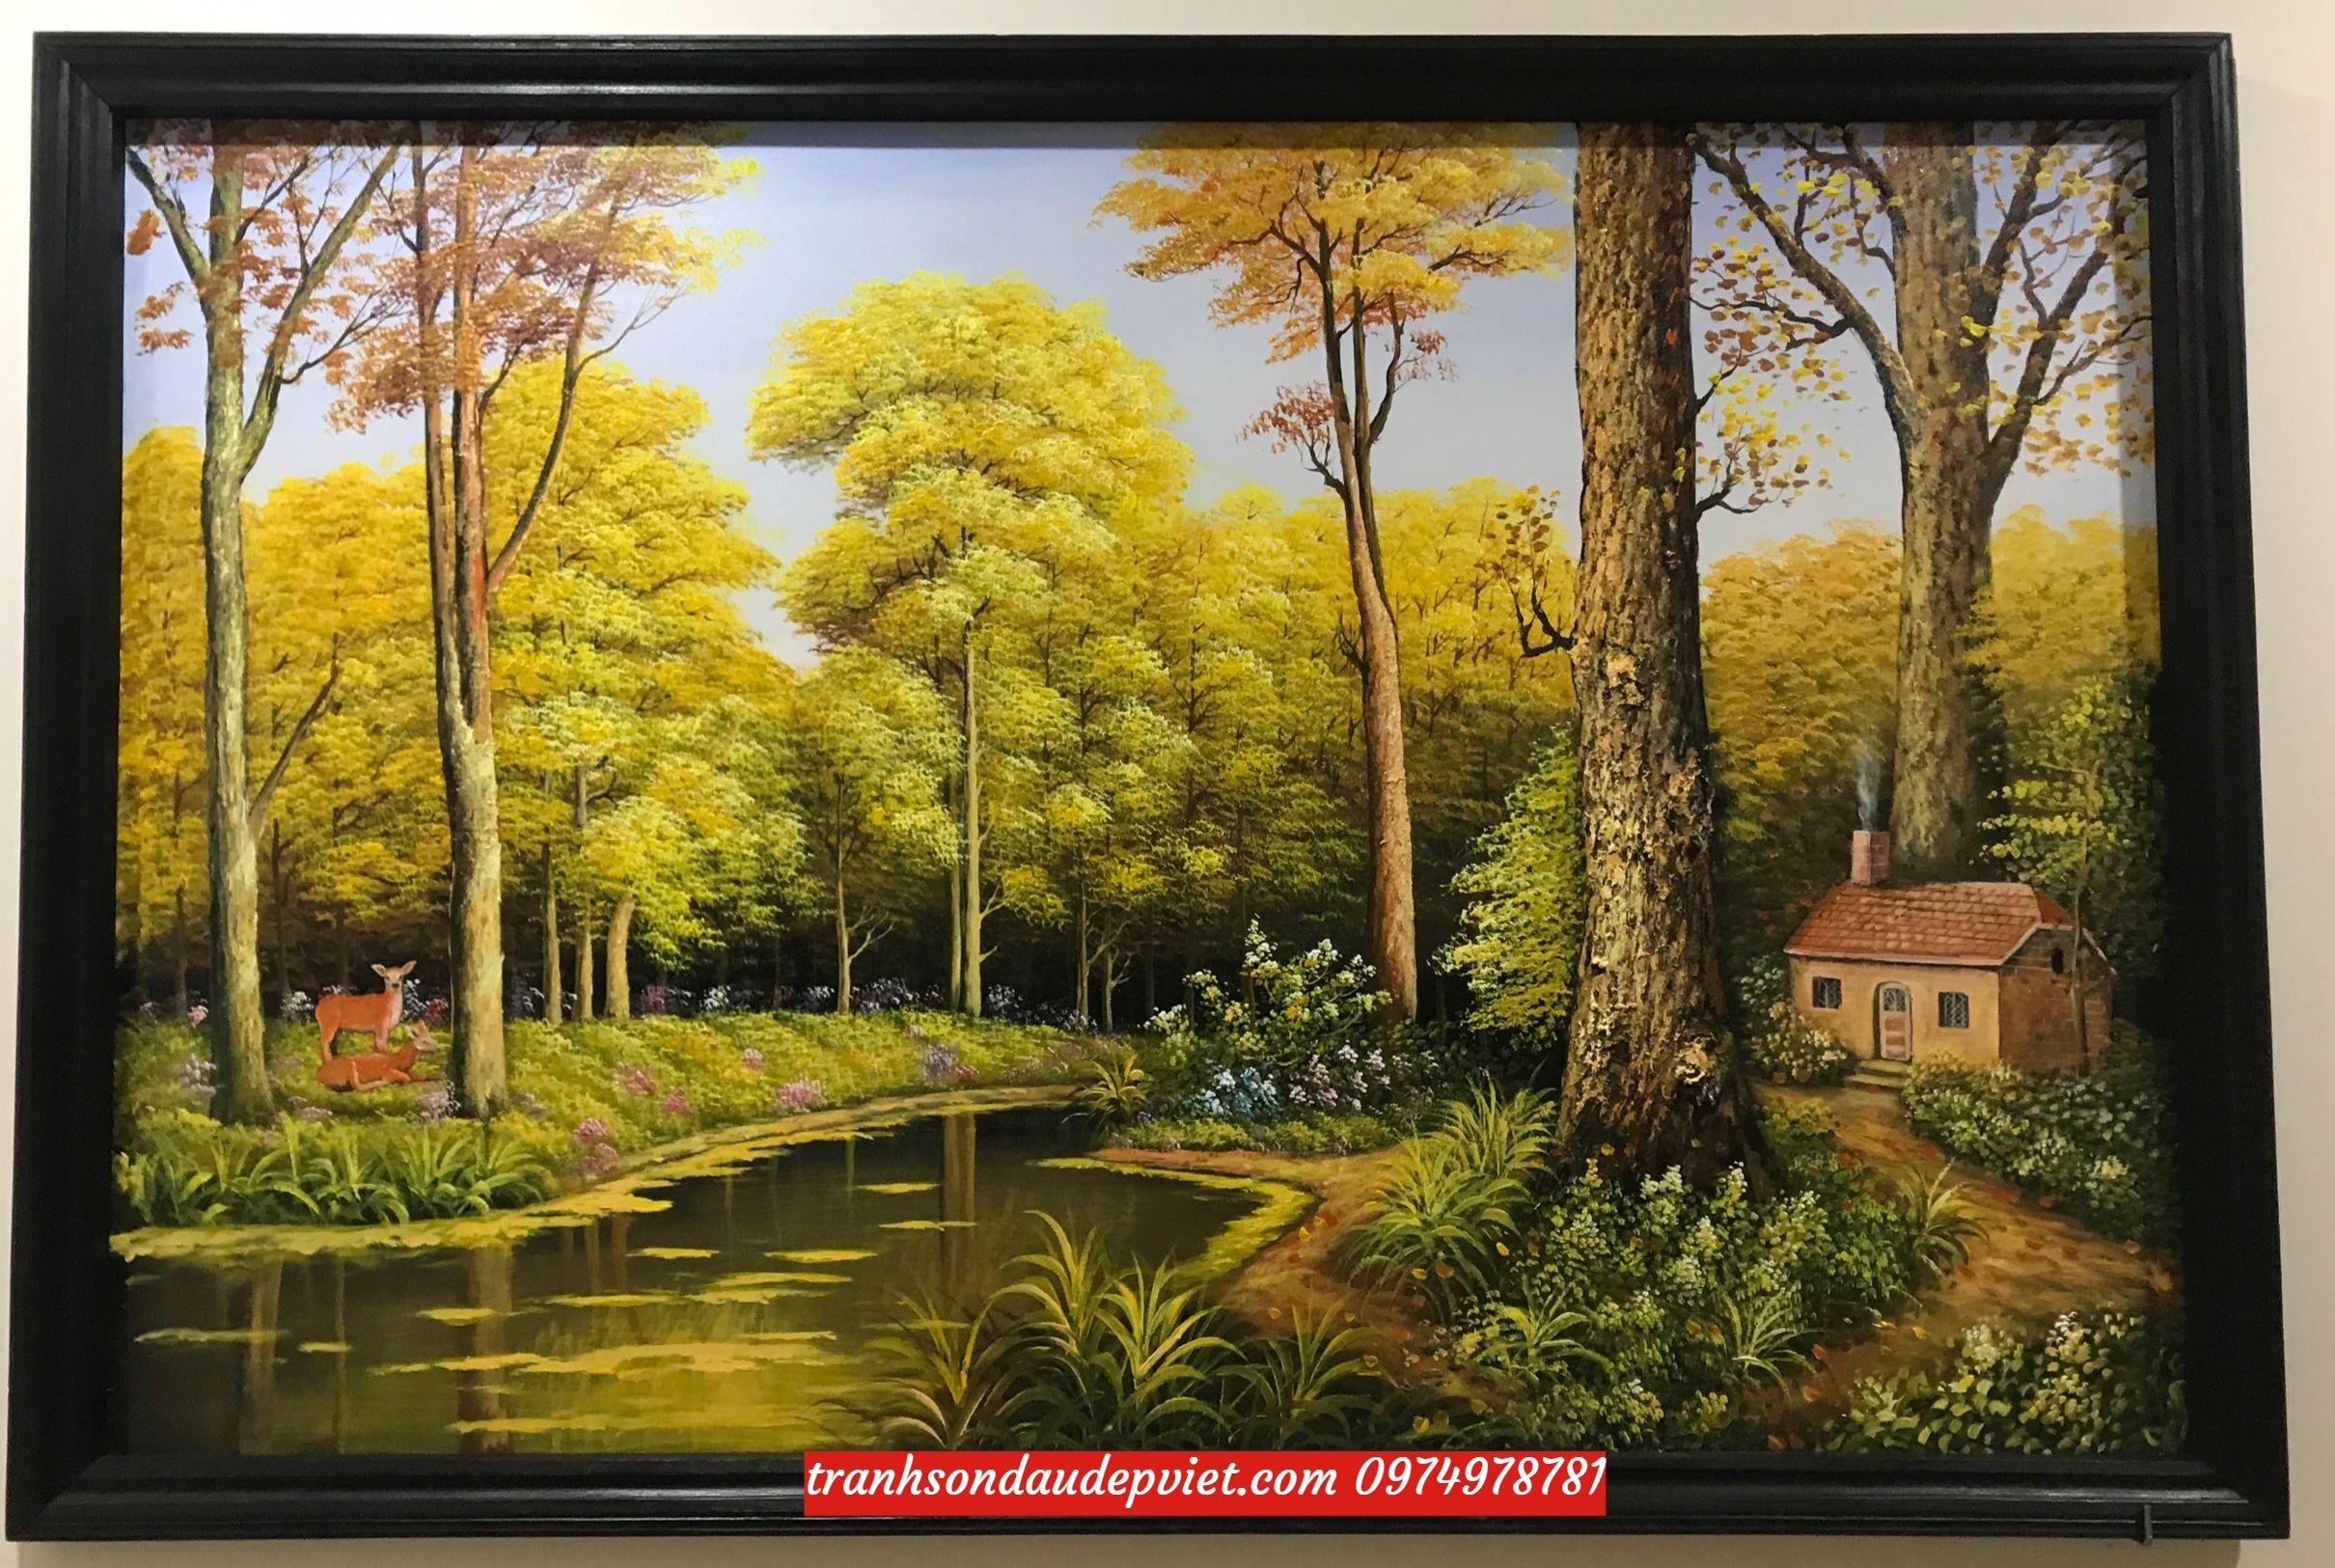 Tranh sơn dầu phong cảnh rừng cây lá vàngSB24